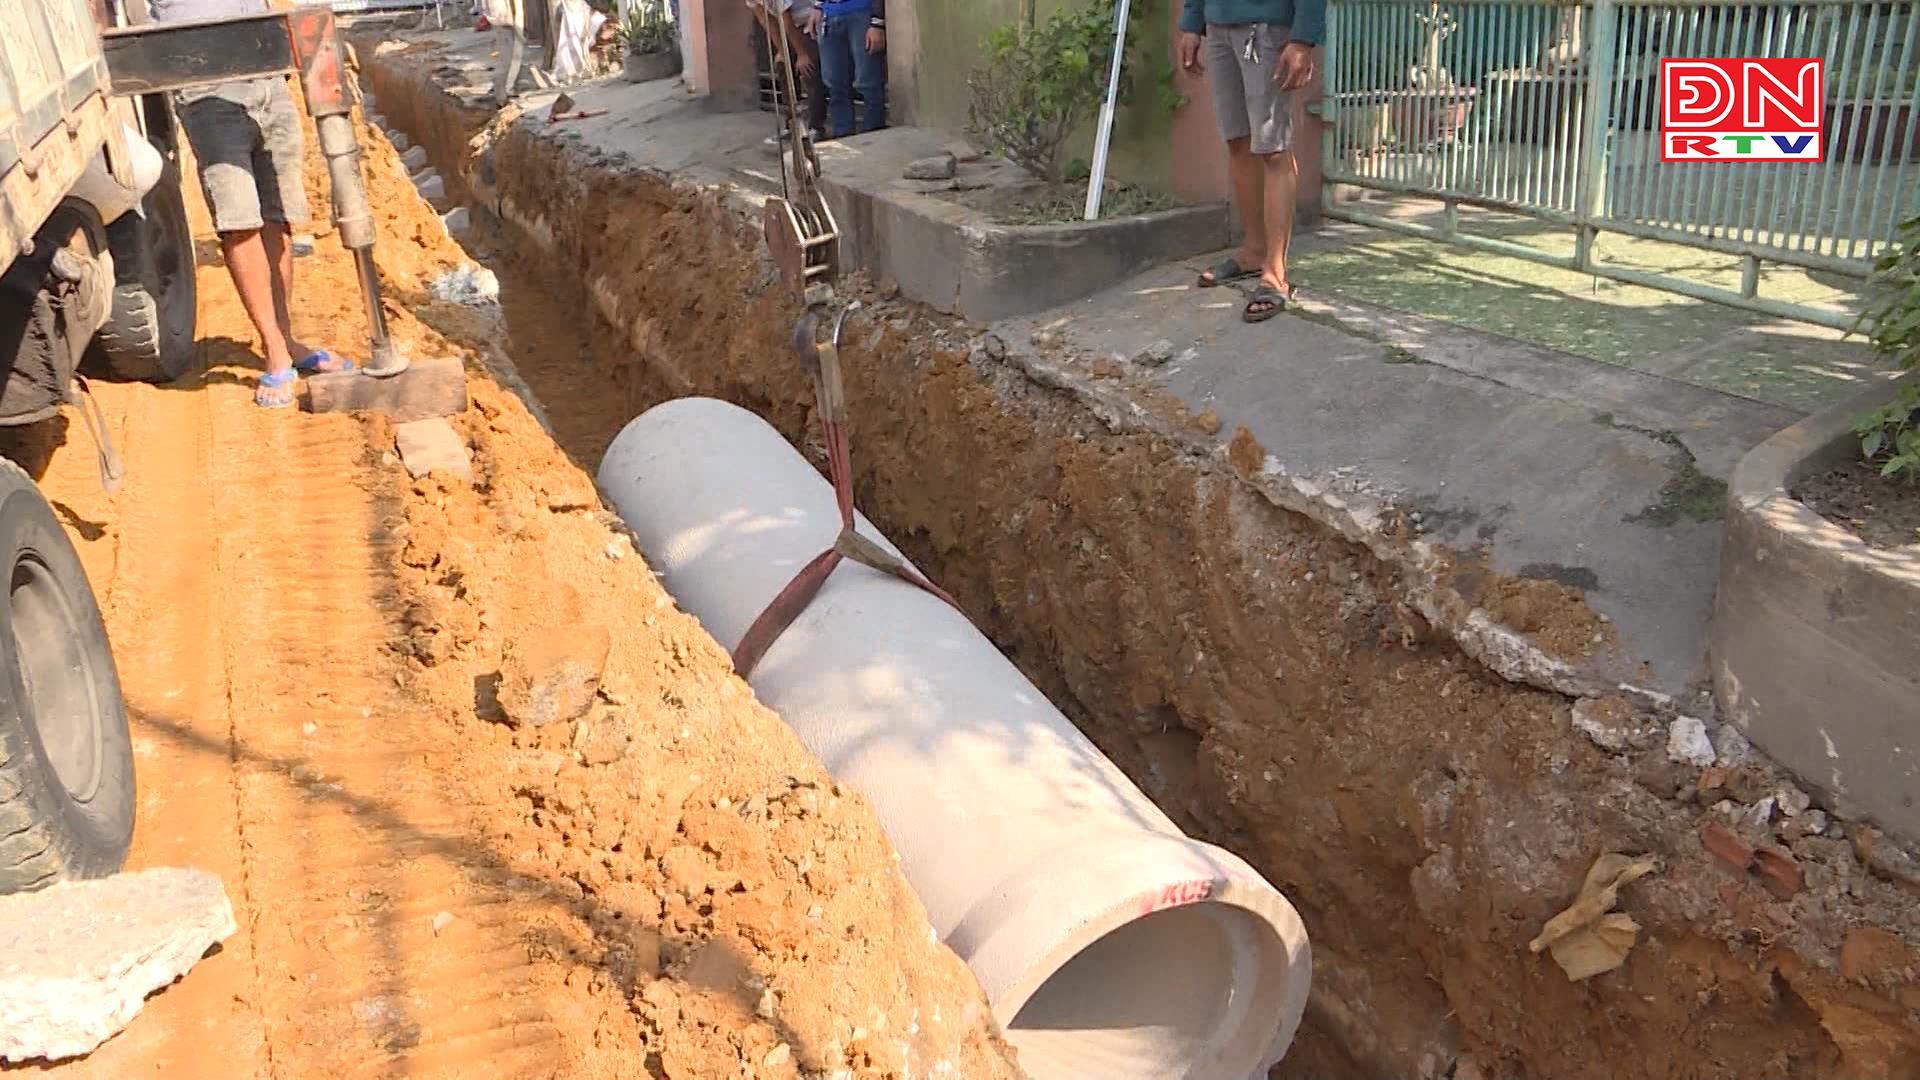 Cải tạo, sửa chữa đường lên dốc Đinh Thuận, phường Tân Hiệp, TP. Biên Hòa